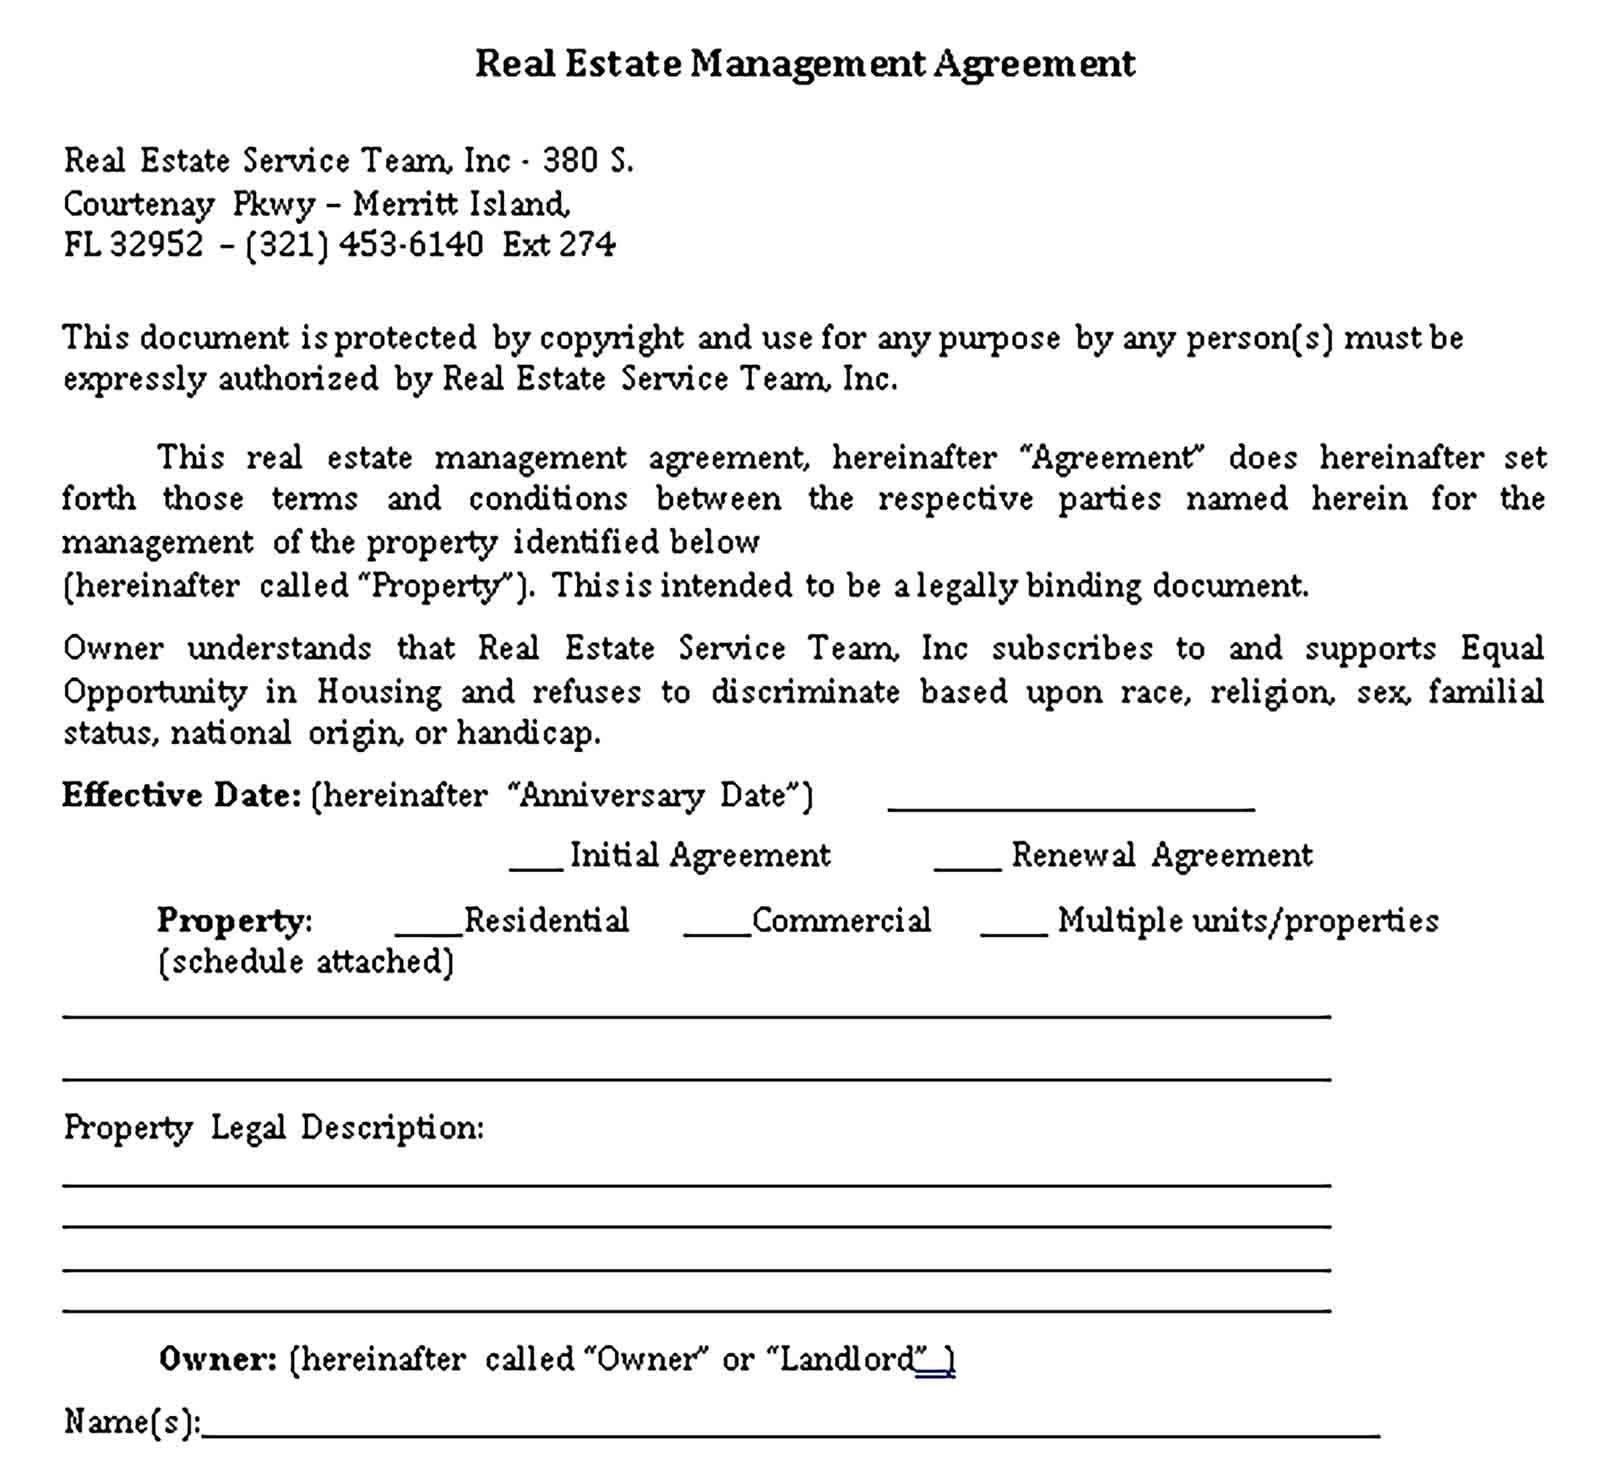 Real Estate Management Agreement Sample Template Estate Management Real Estate Management Real Estate Real estate team agreement template